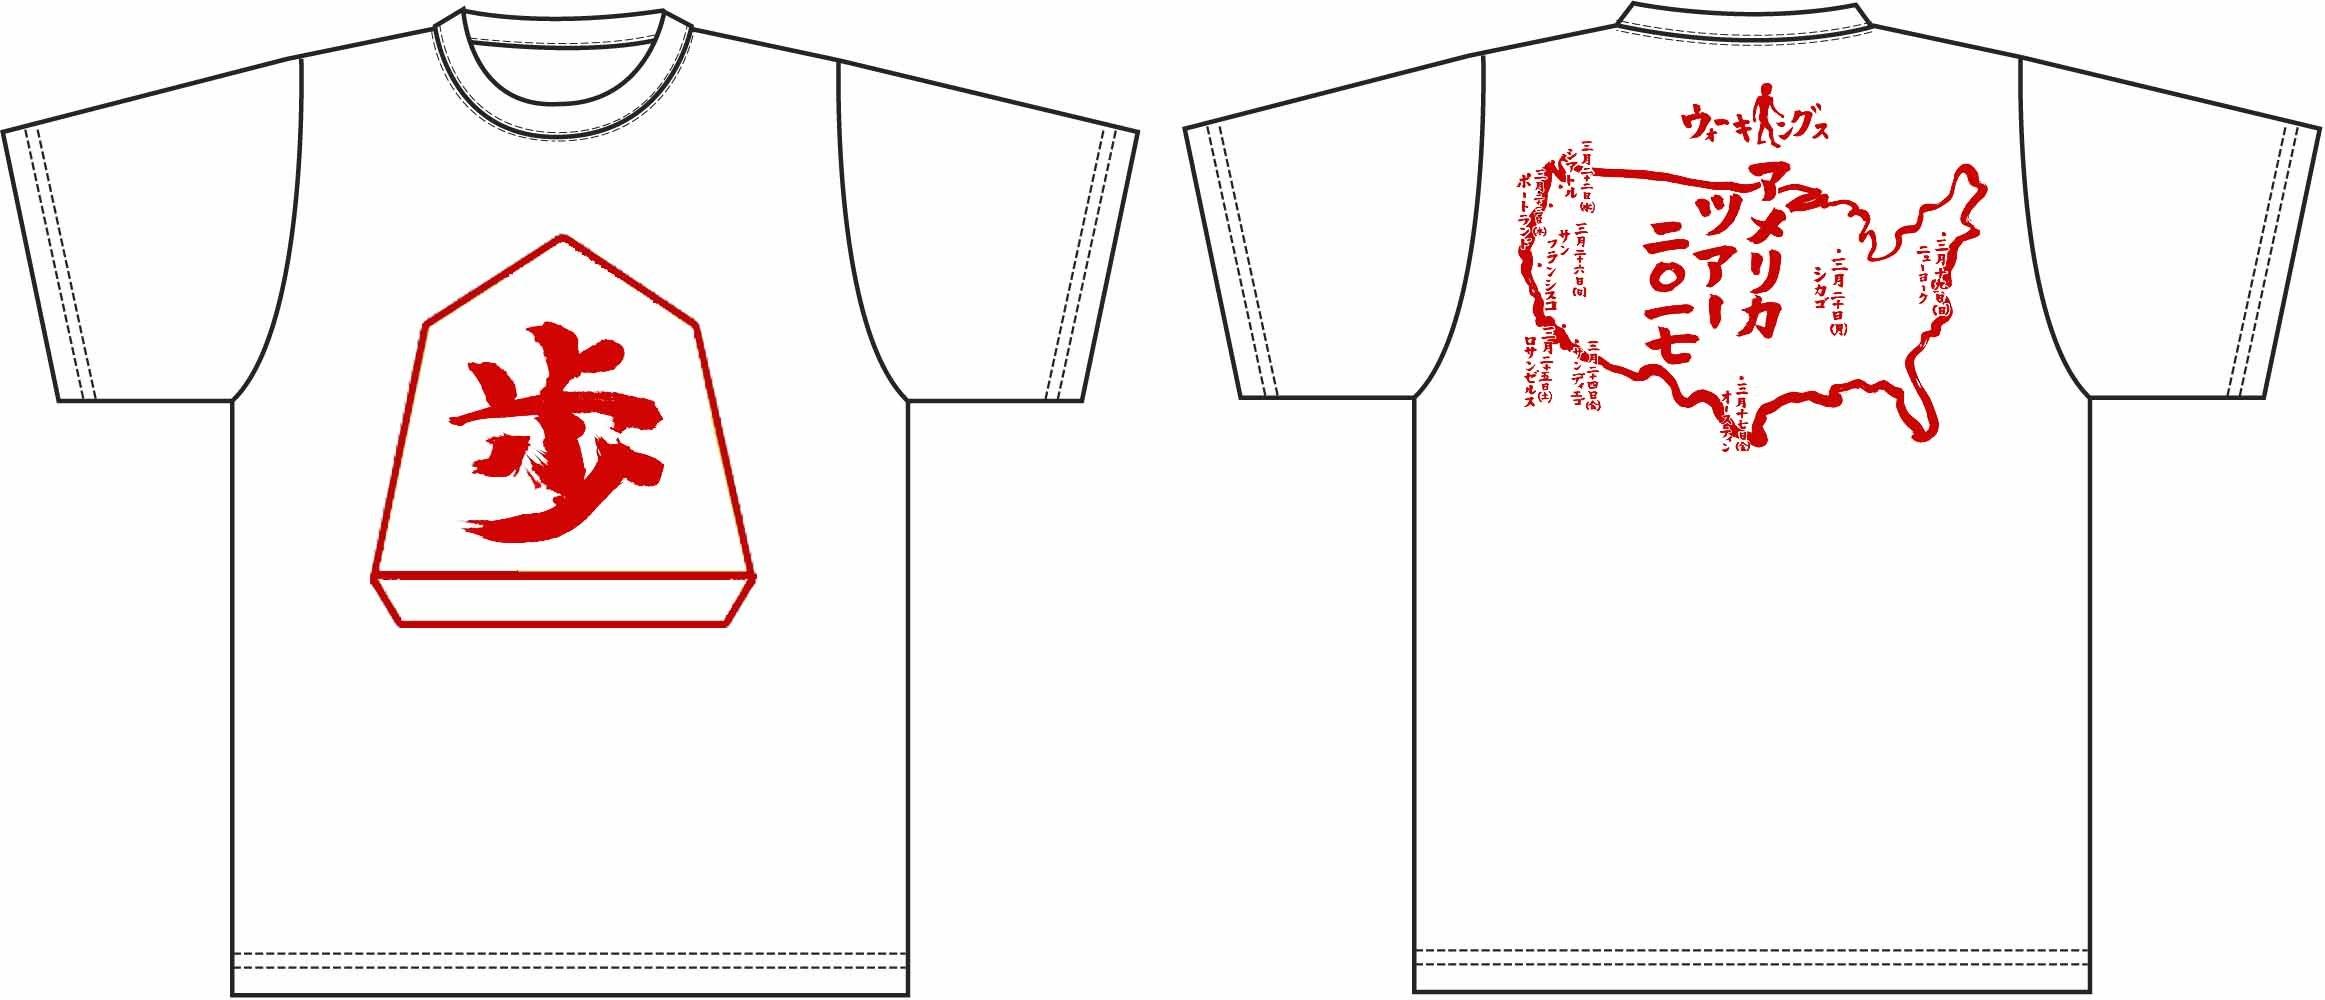 《アメリカツアーTシャツ プラン》